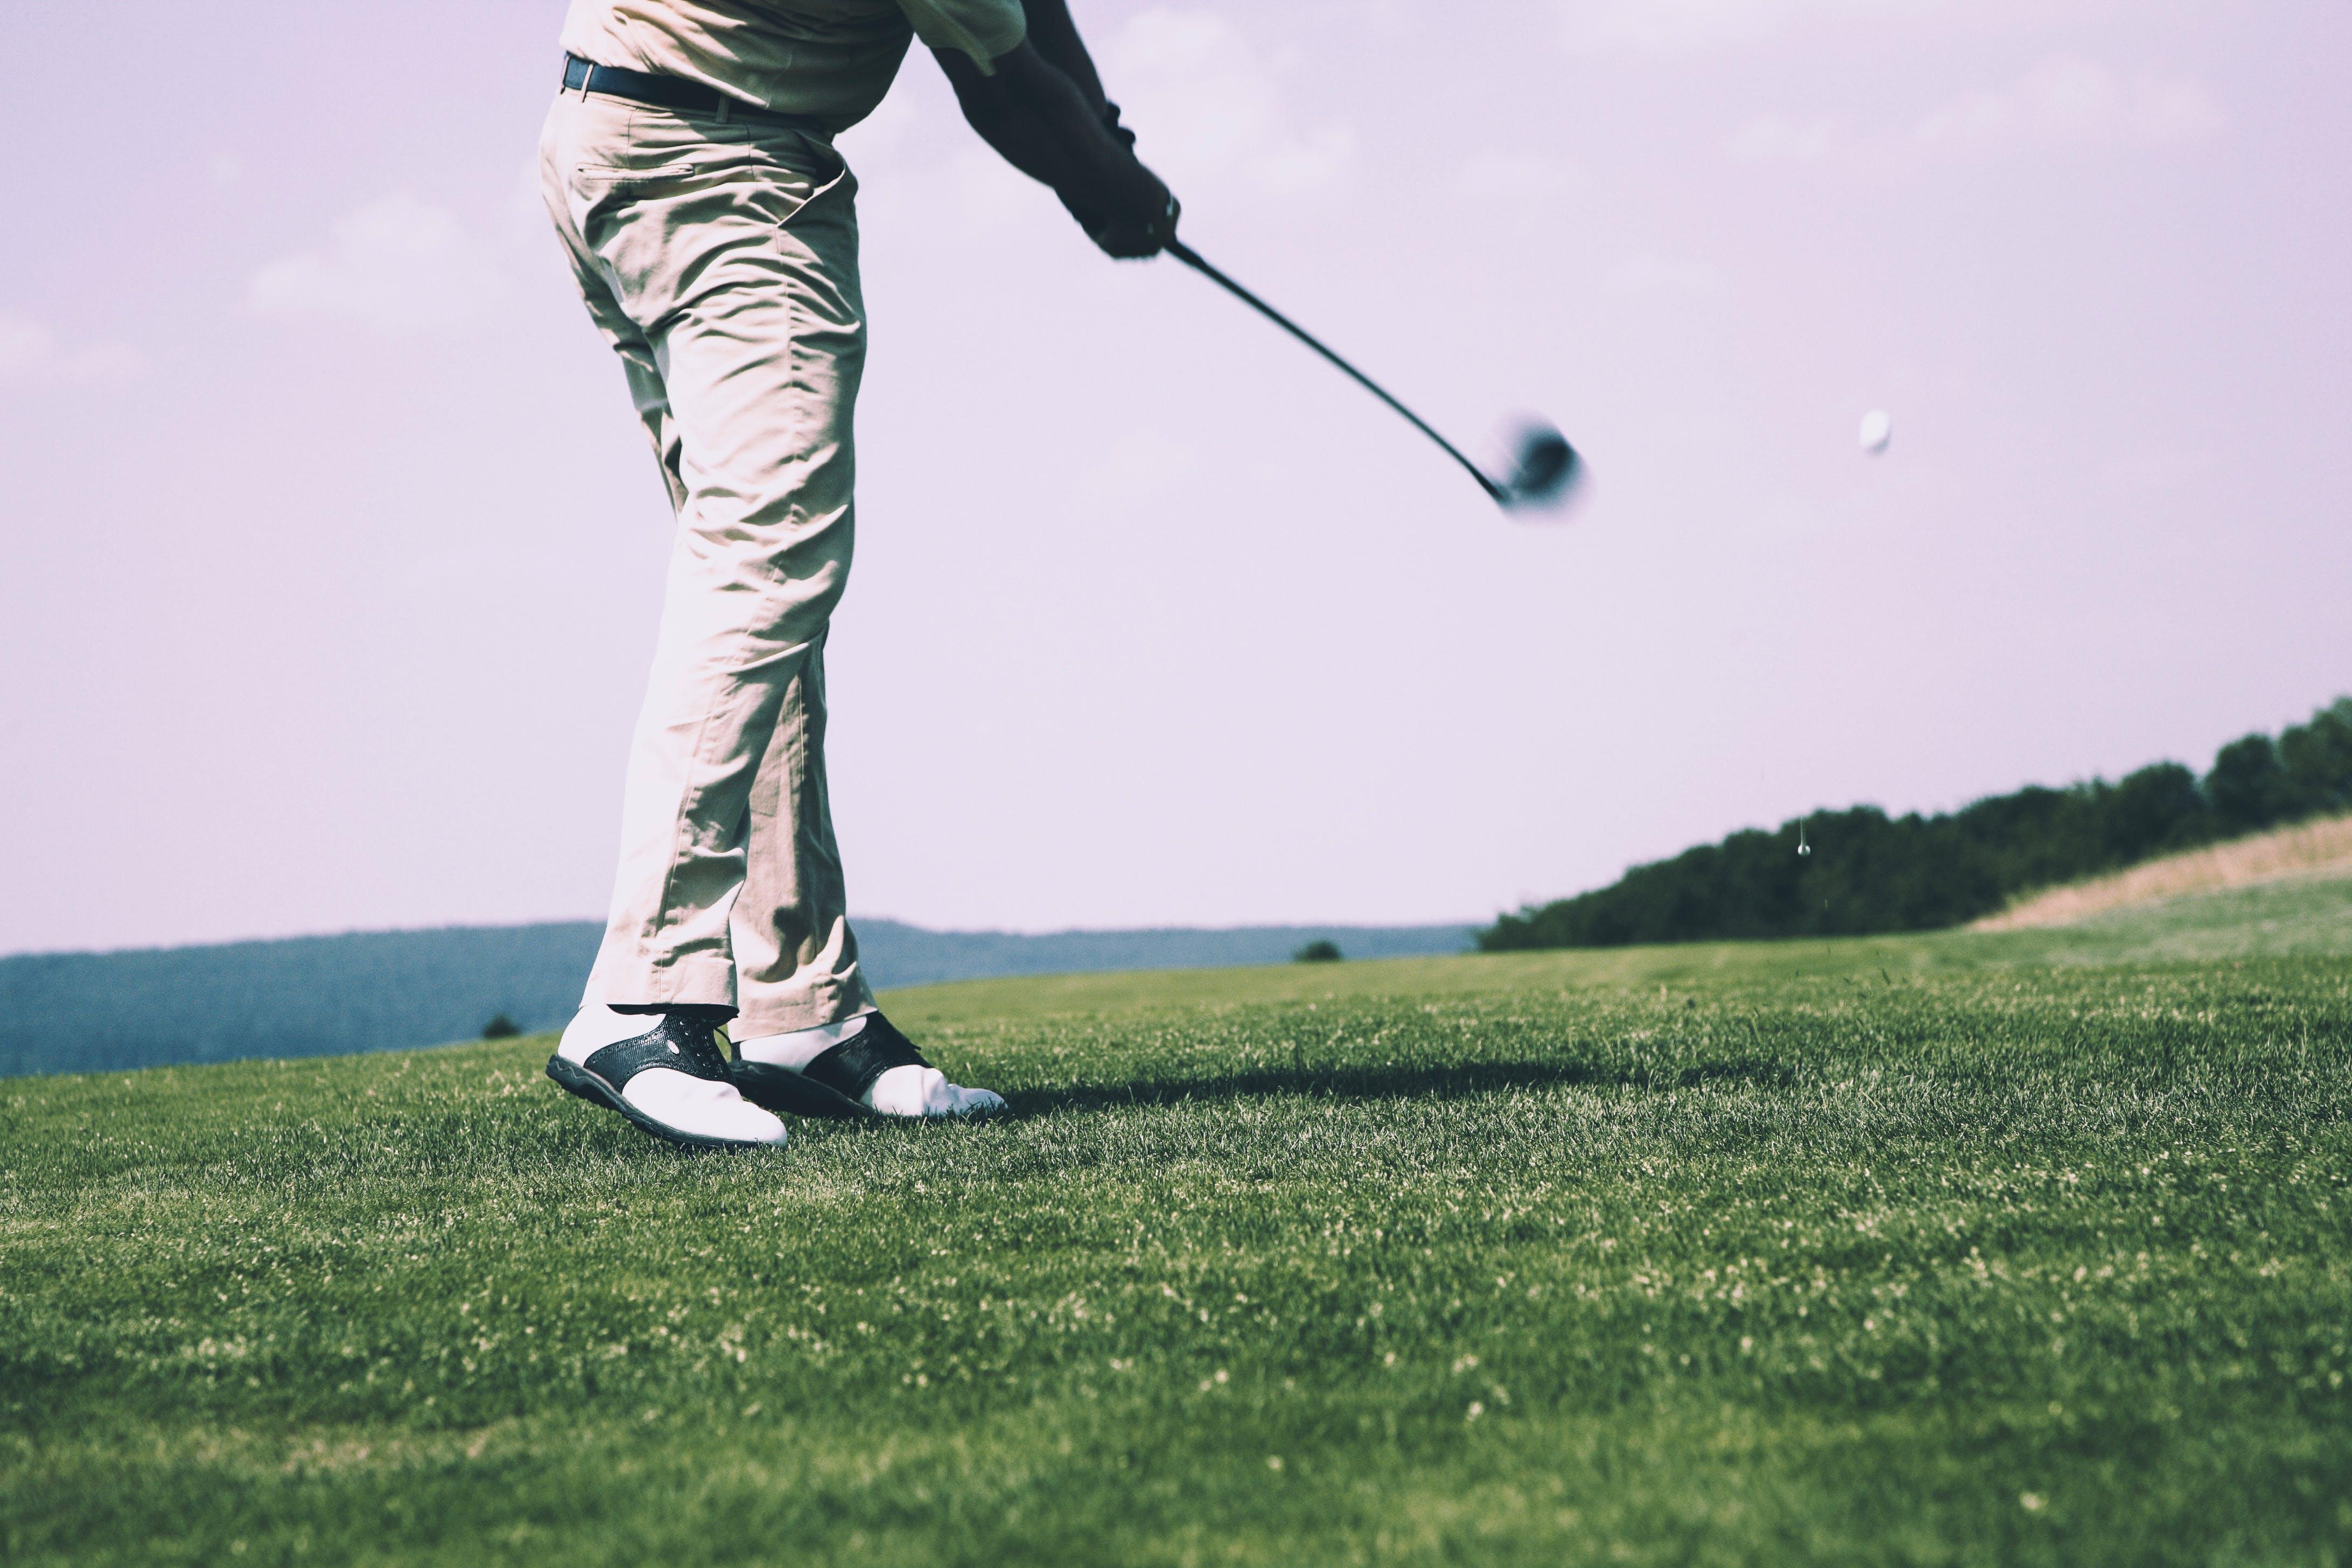 Gratis lagerfoto af Golf, Golfbane, golfbold, Golfkølle